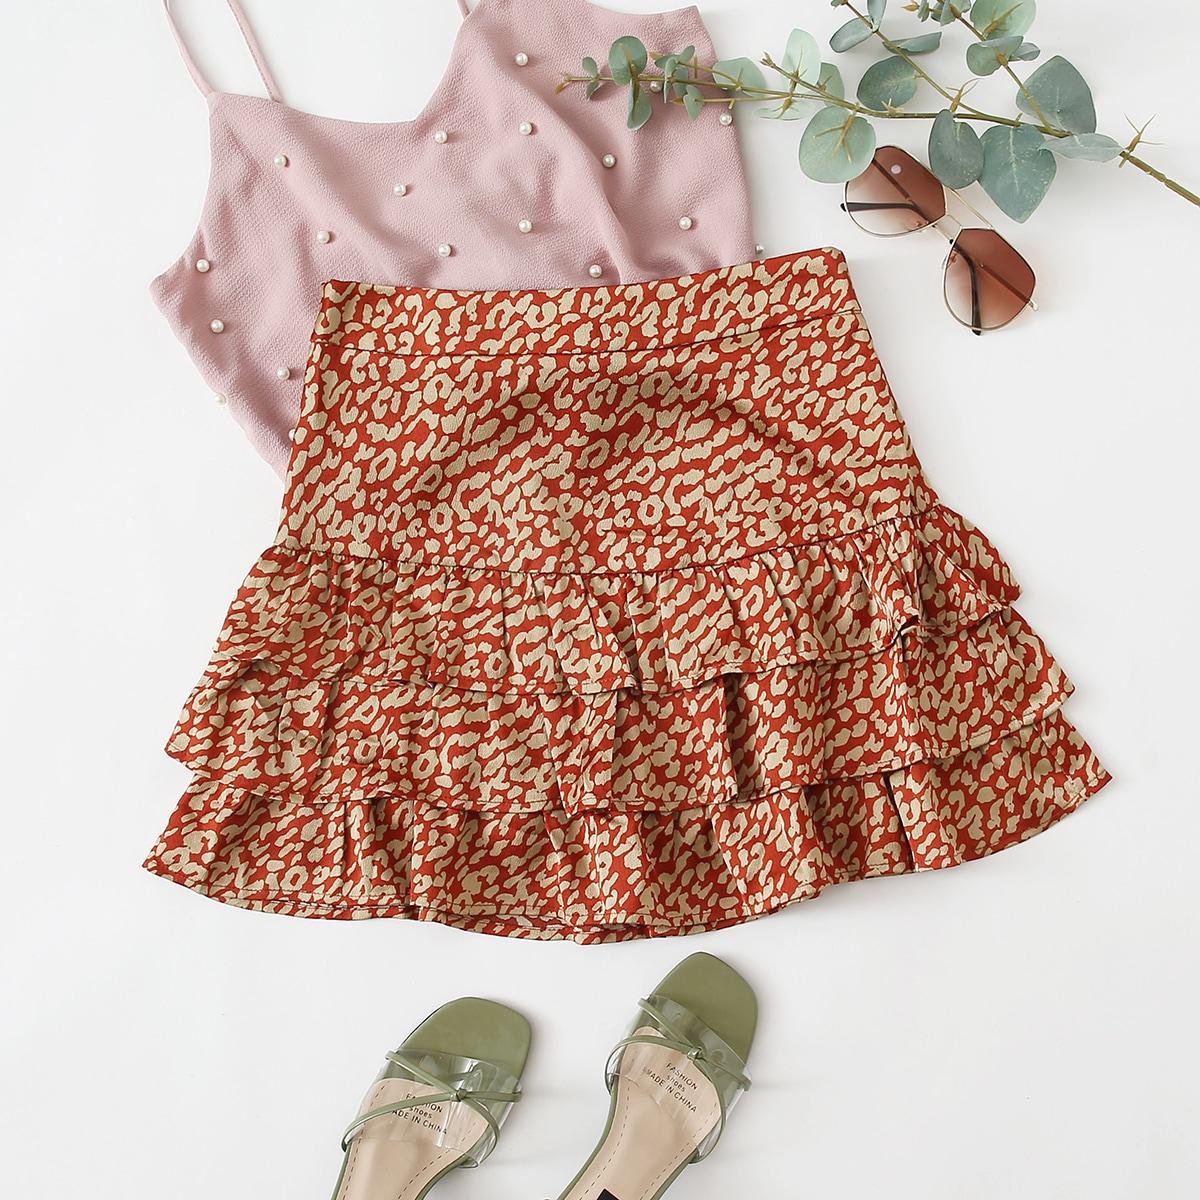 Многослойная юбка с леопардовым принтом